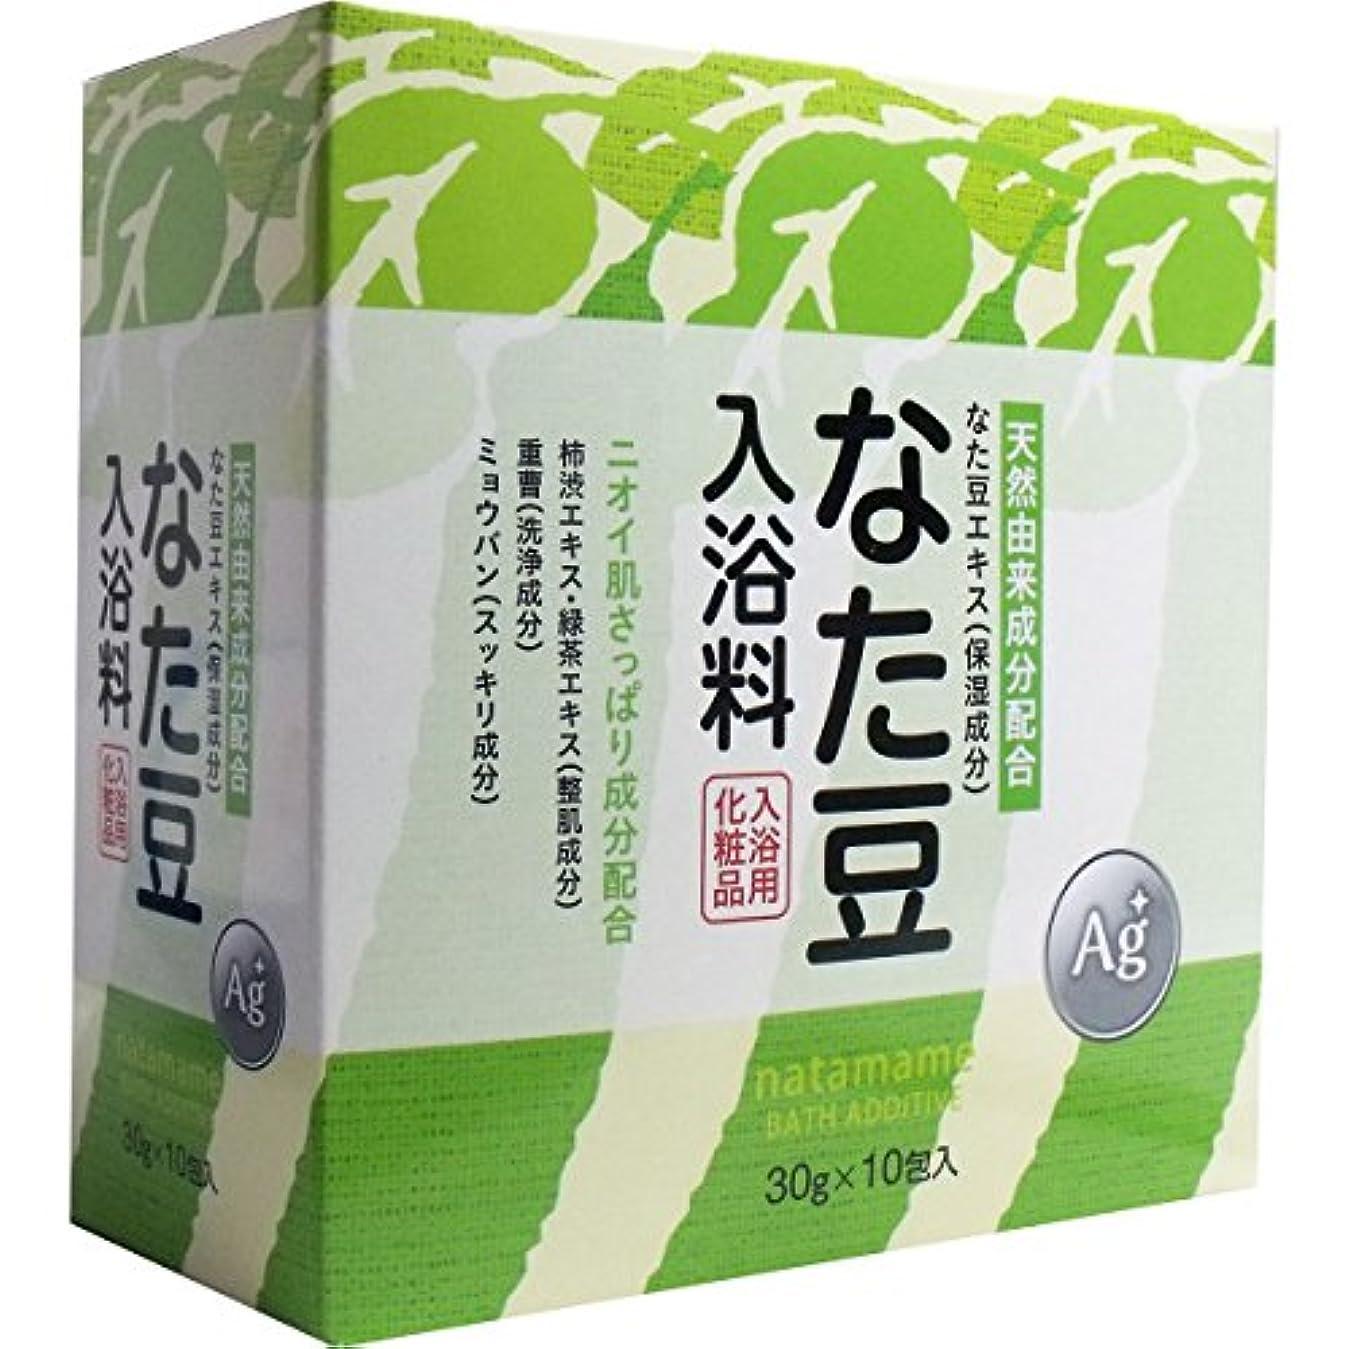 見通しハンディキャップ輸血なた豆入浴料 入浴用化粧品 30g×10包入×10